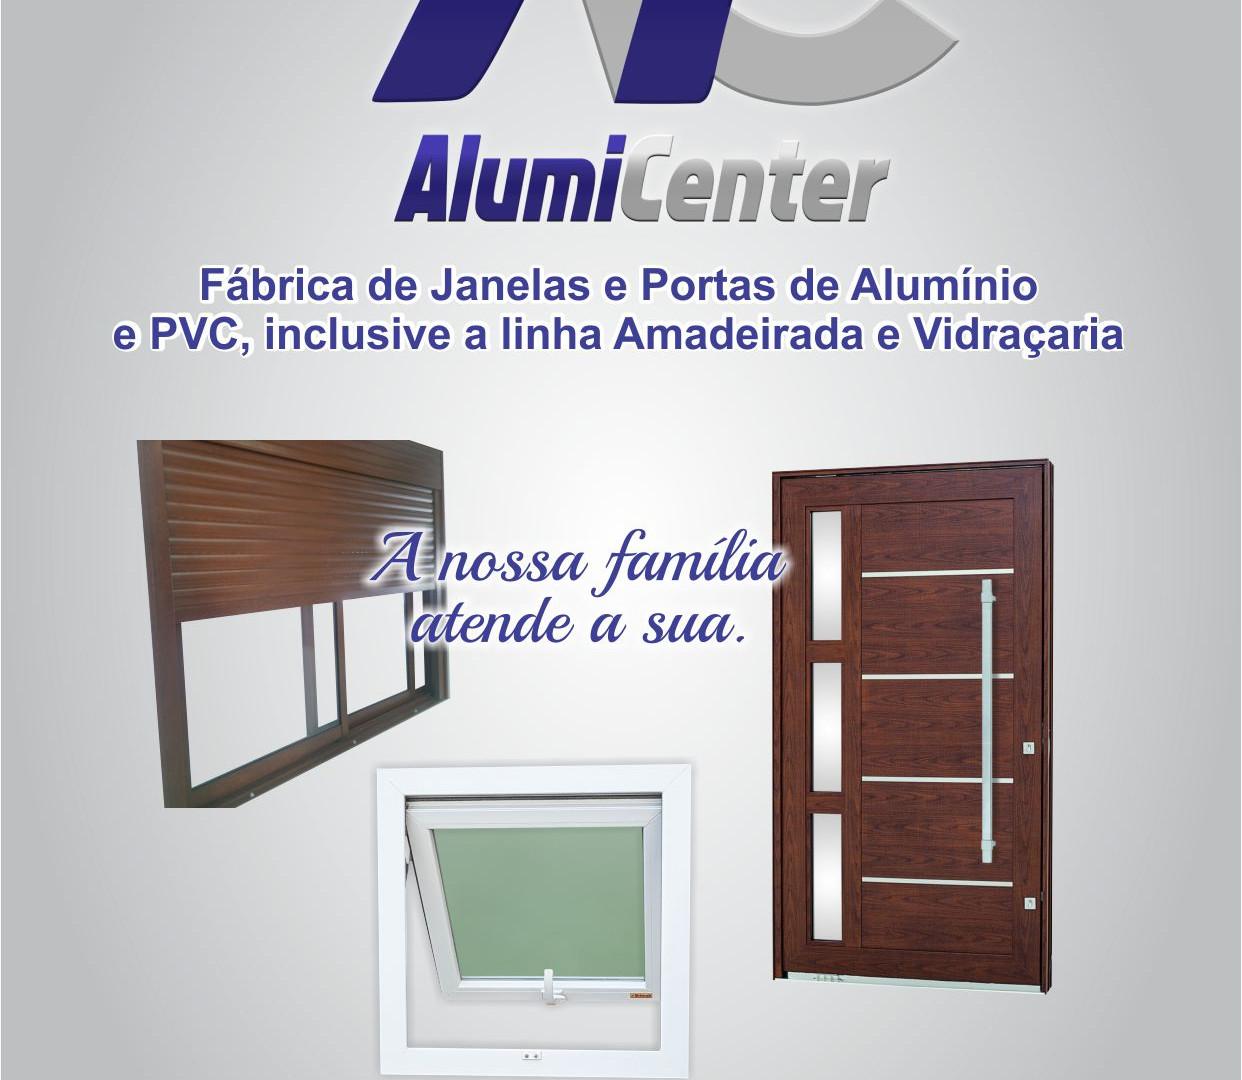 Alumi Center.jpg